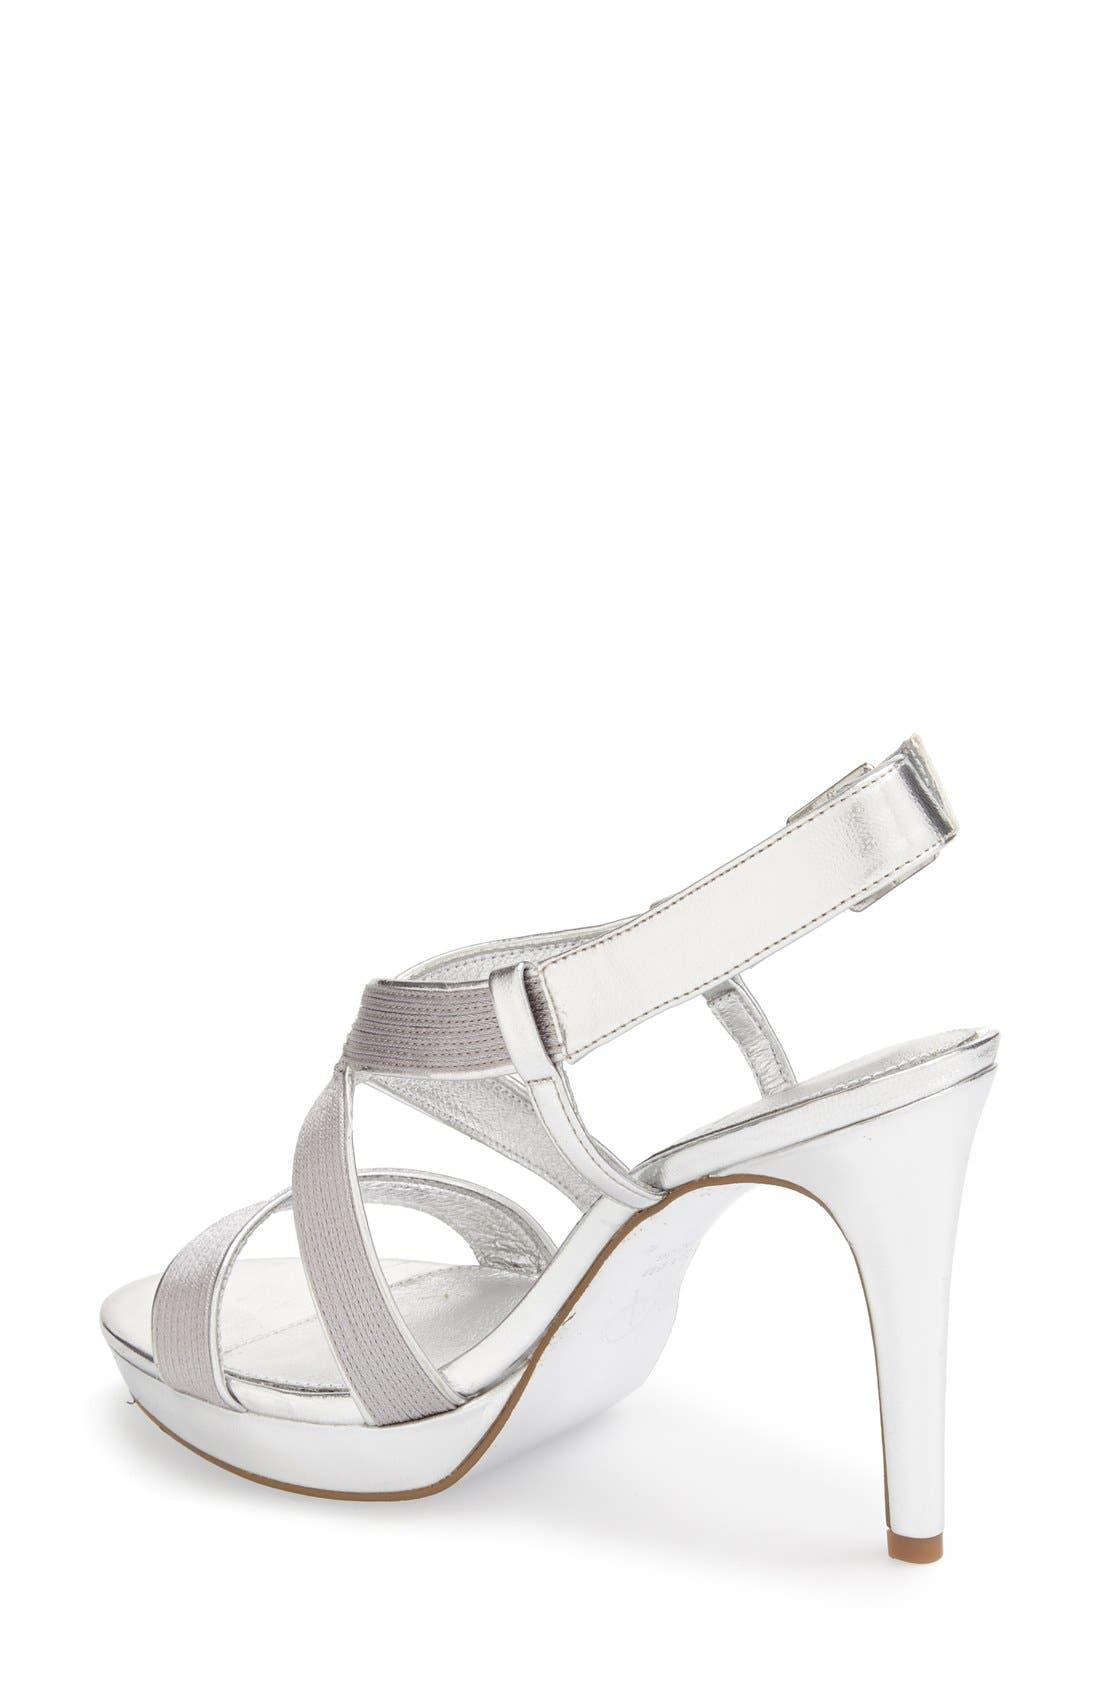 Alternate Image 2  - Adrianna Papell 'Anette' Platform Sandal (Women)